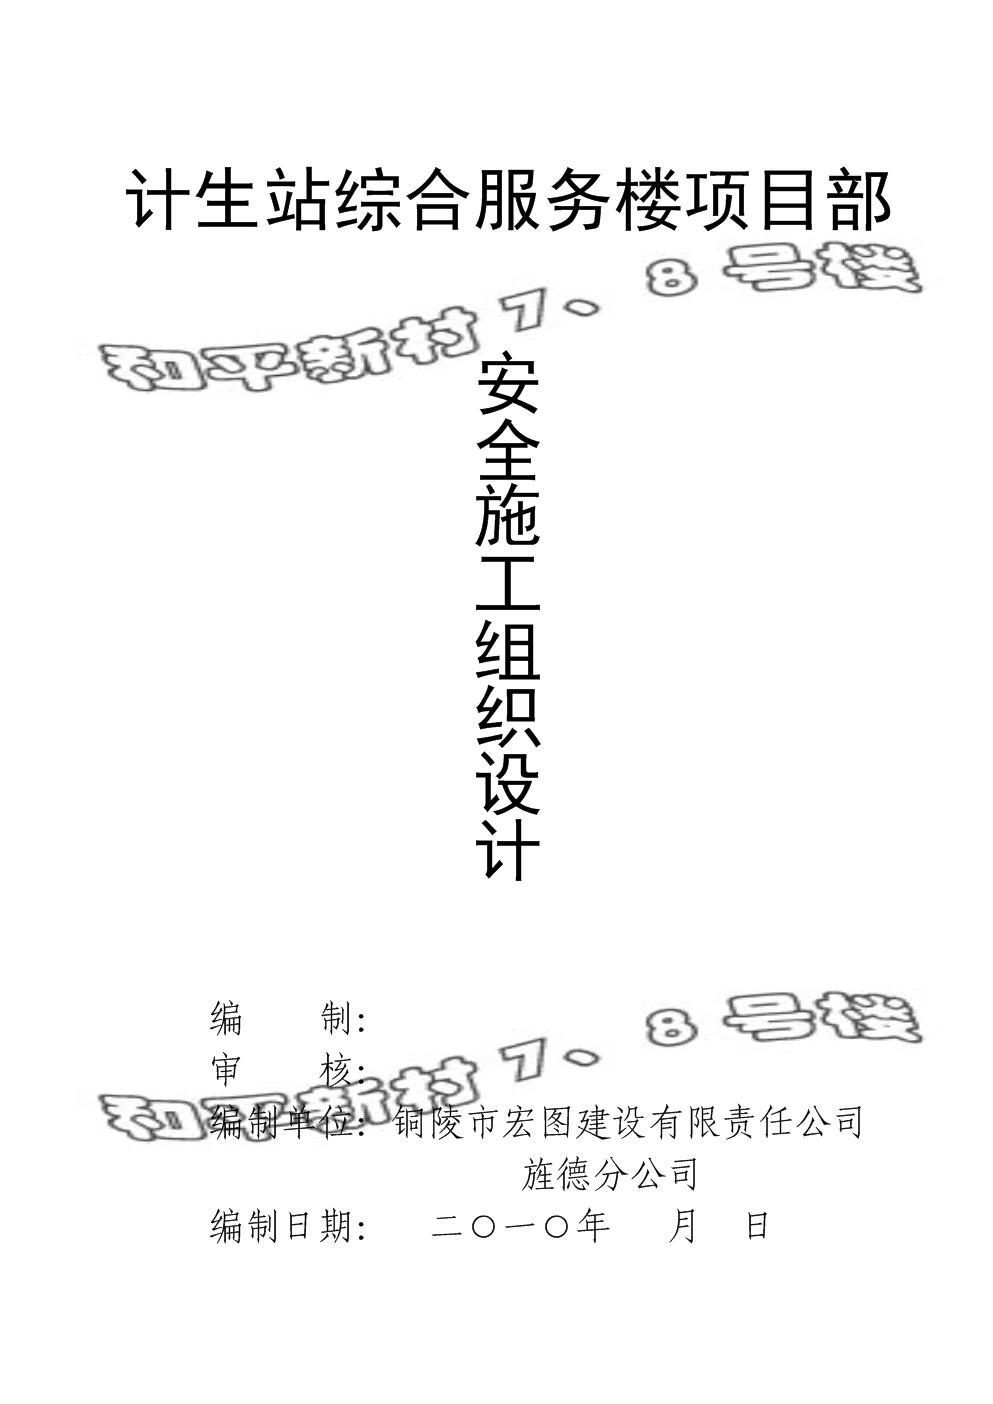 报告:安全专项施工方案[1].doc